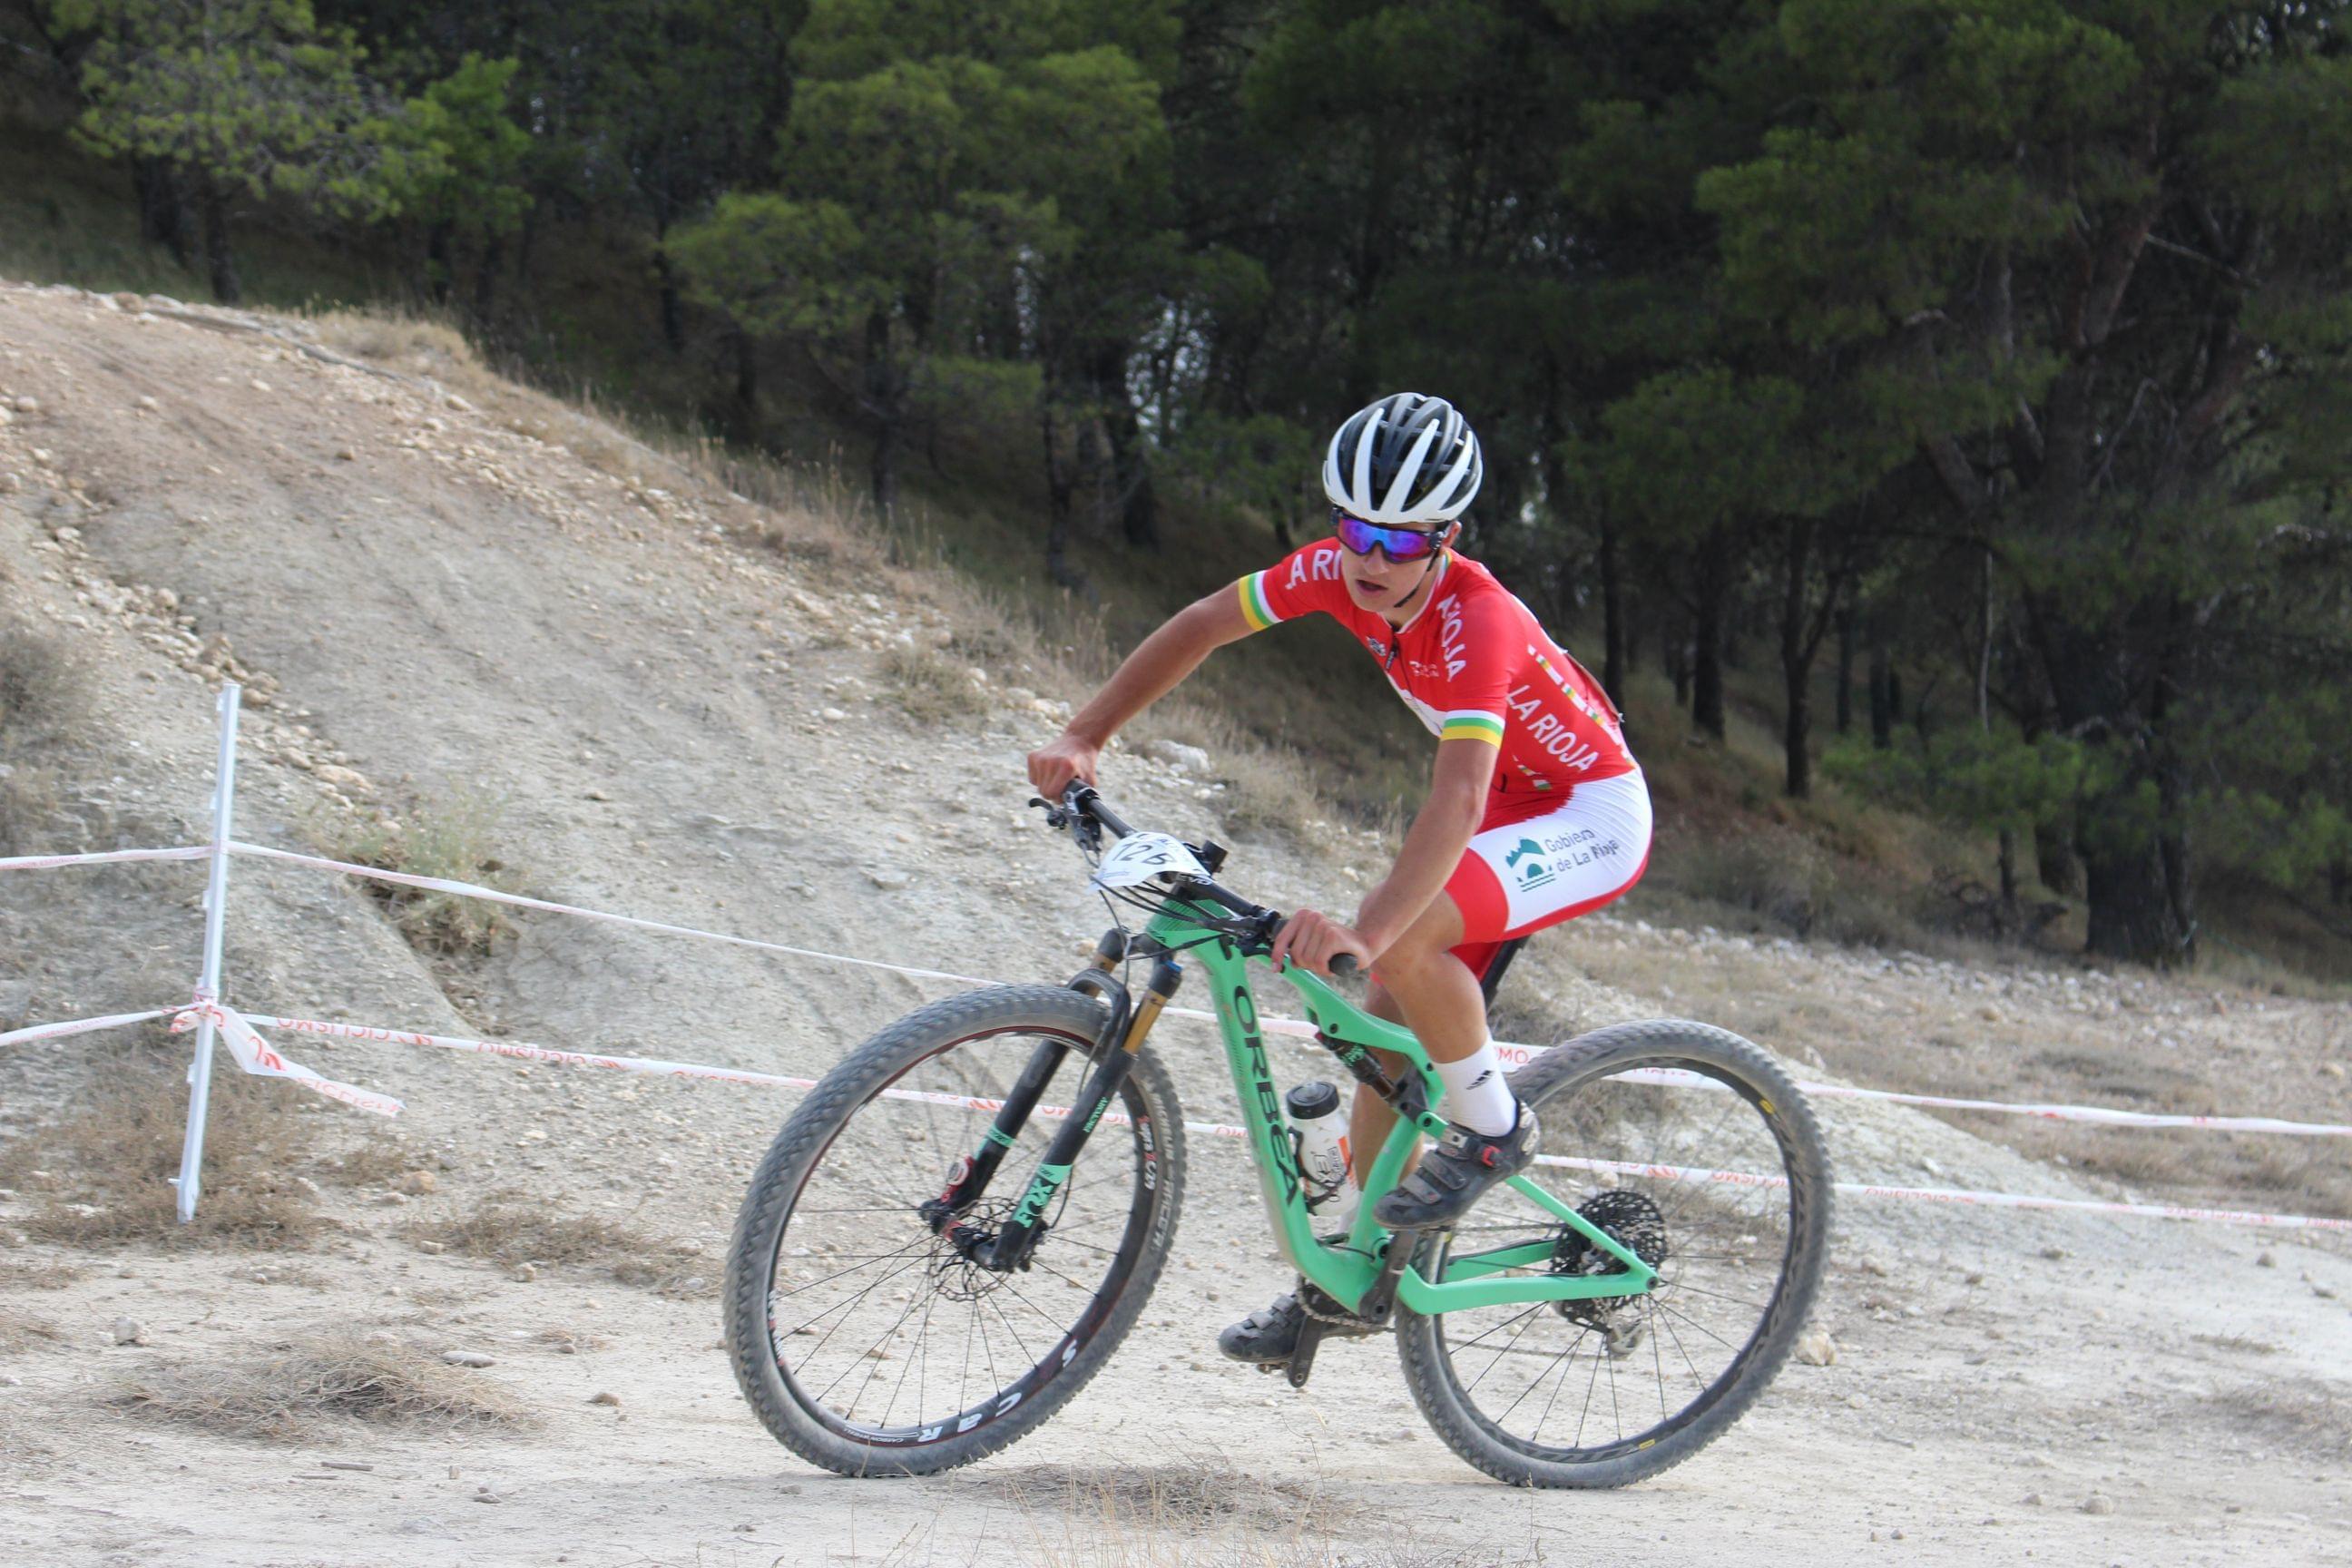 Campeonato de España de XCO 2019 | Arguedas